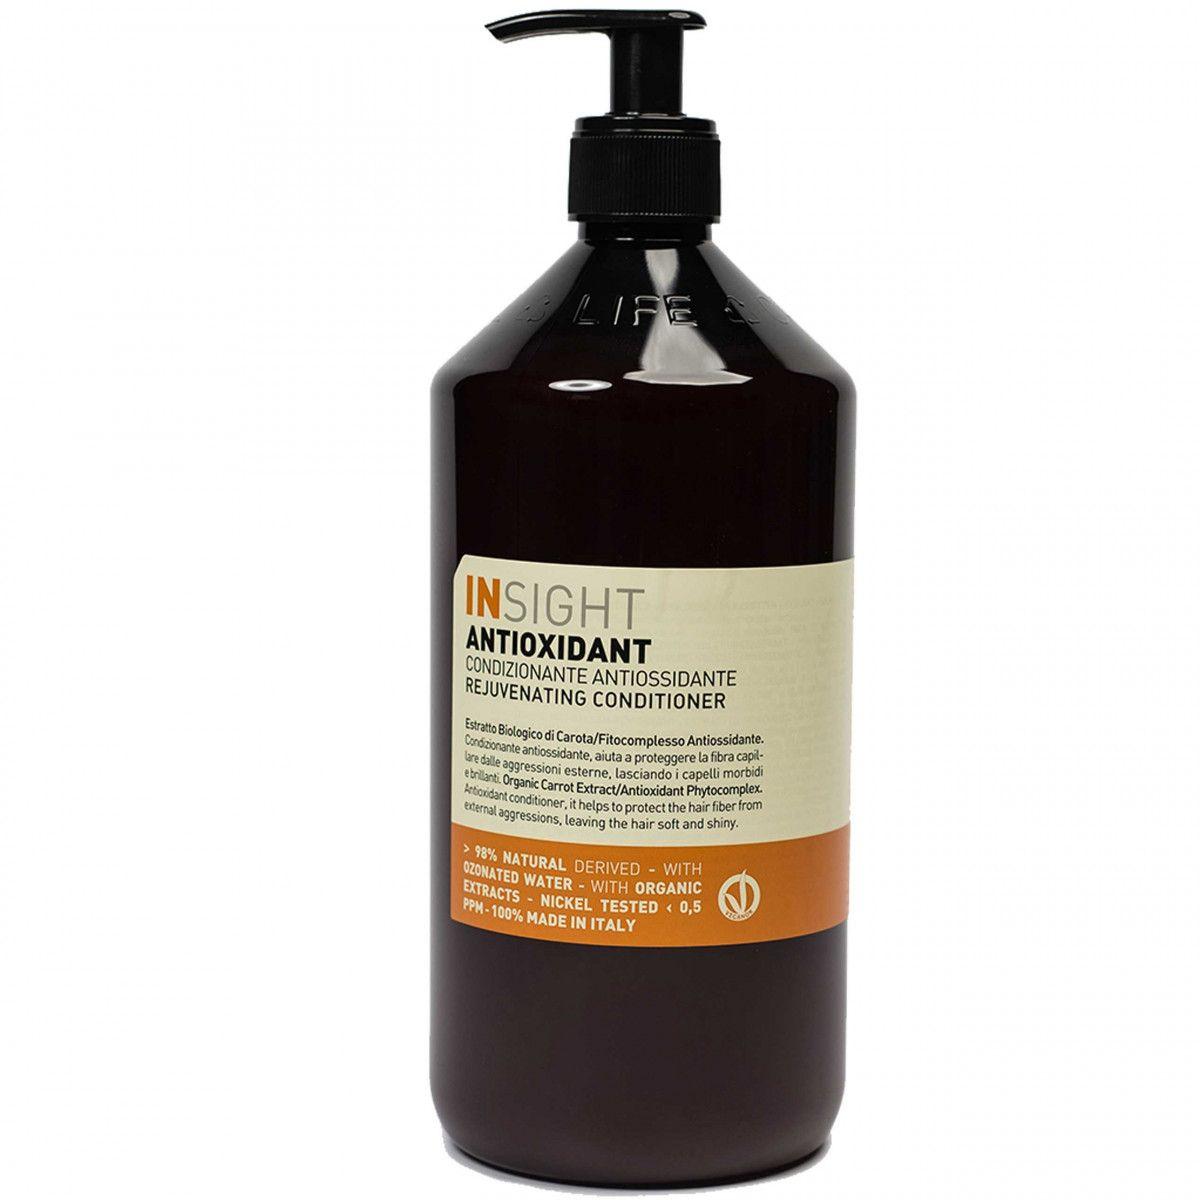 Insight Antioxidant Conditioner Odmładzająca odżywka do włosów 900ml